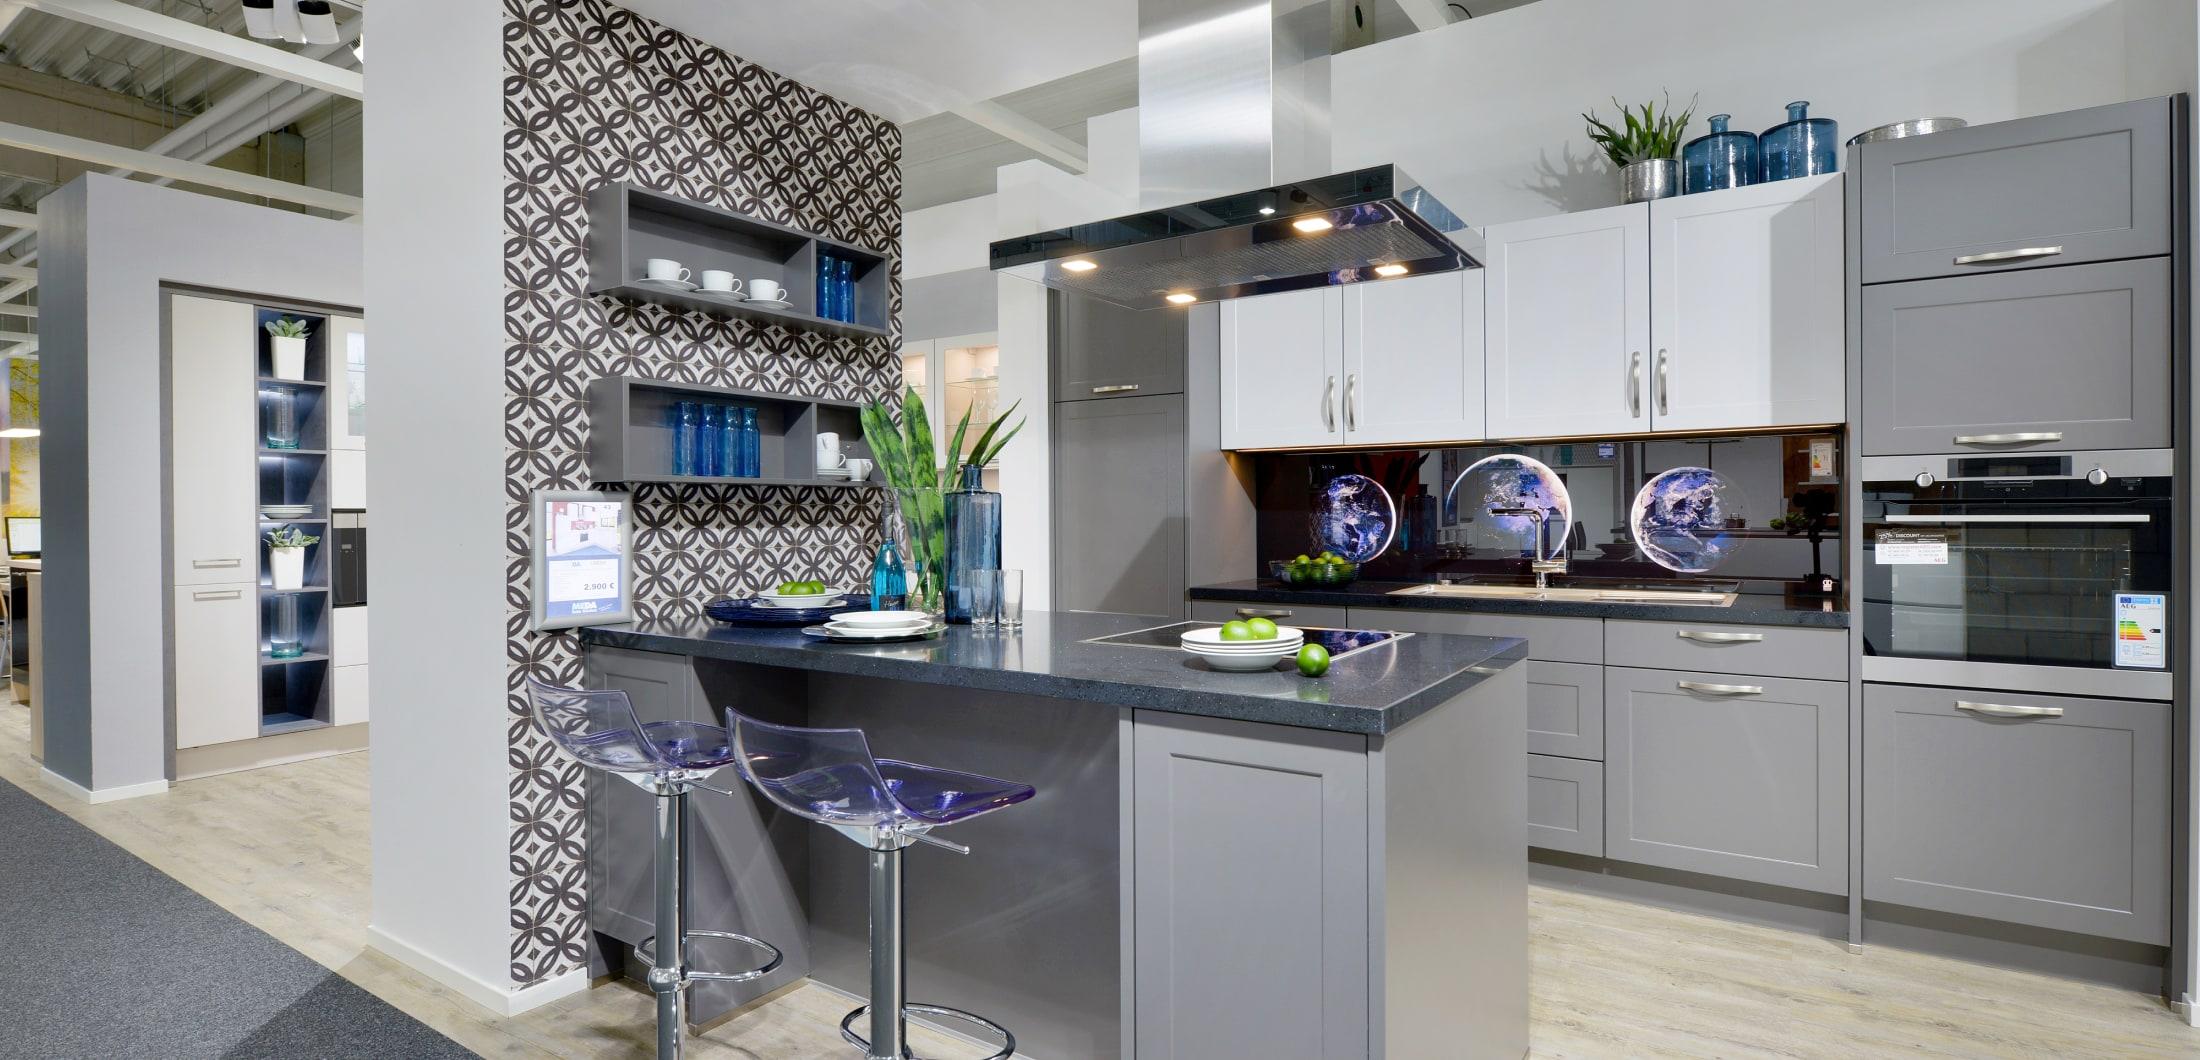 Küchenzeile mit Inselesse und moderner Küchenausstattung